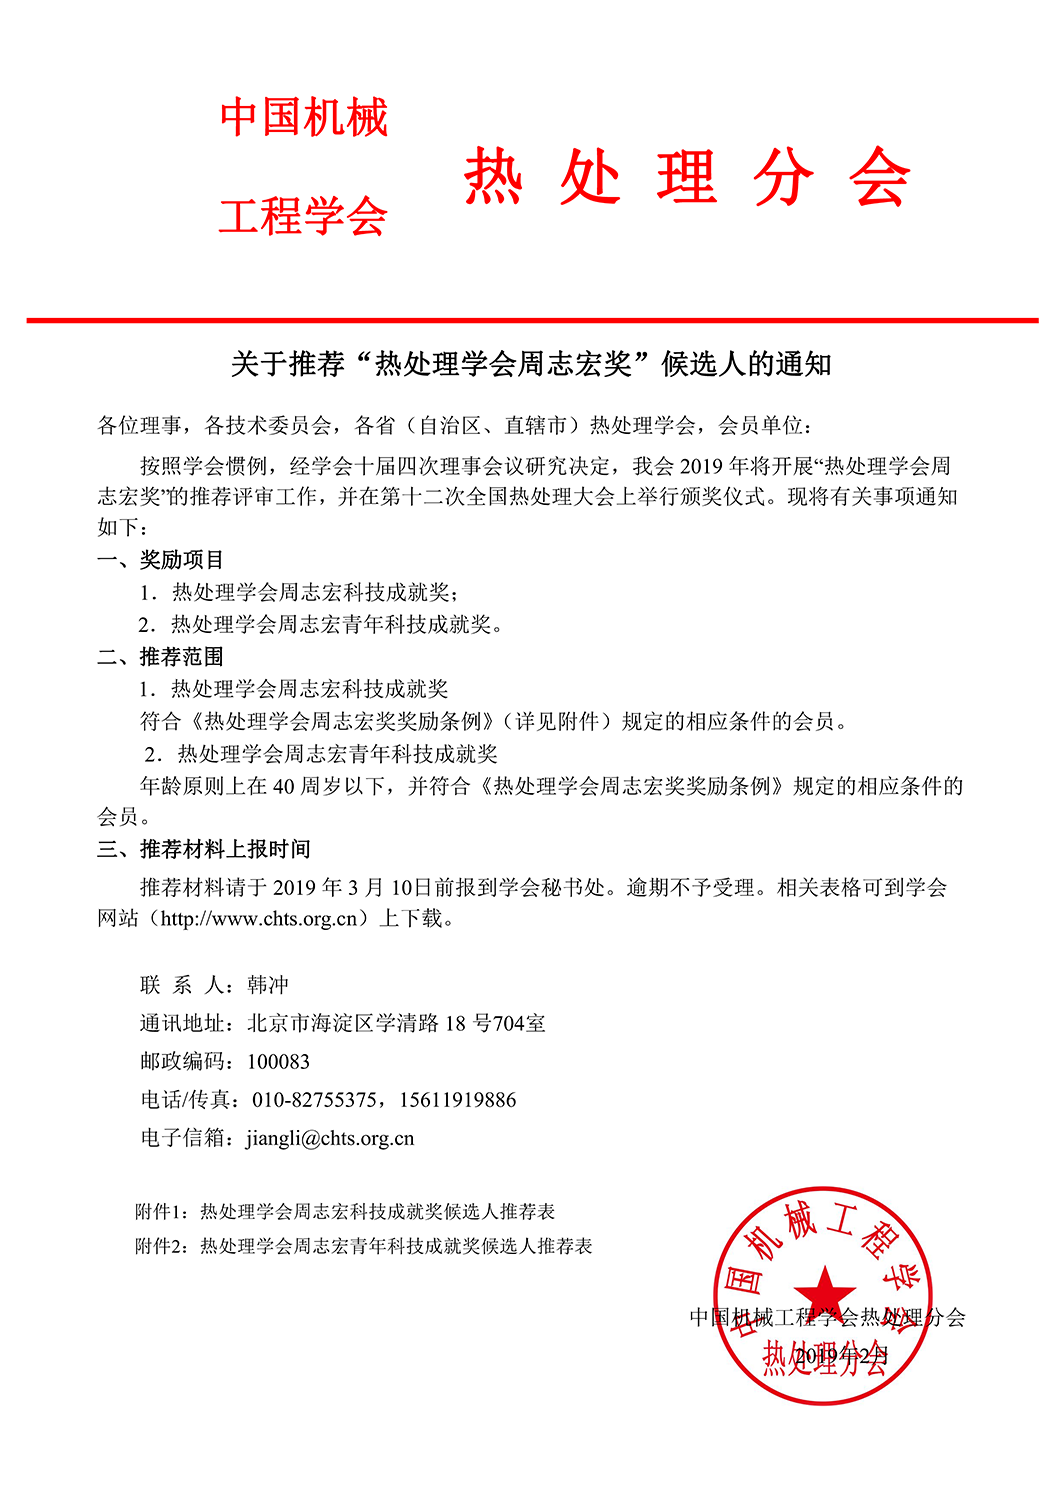 """01关于推荐""""新宝gg╟创造奇迹会员登录周志宏奖""""候选人的通知.png"""